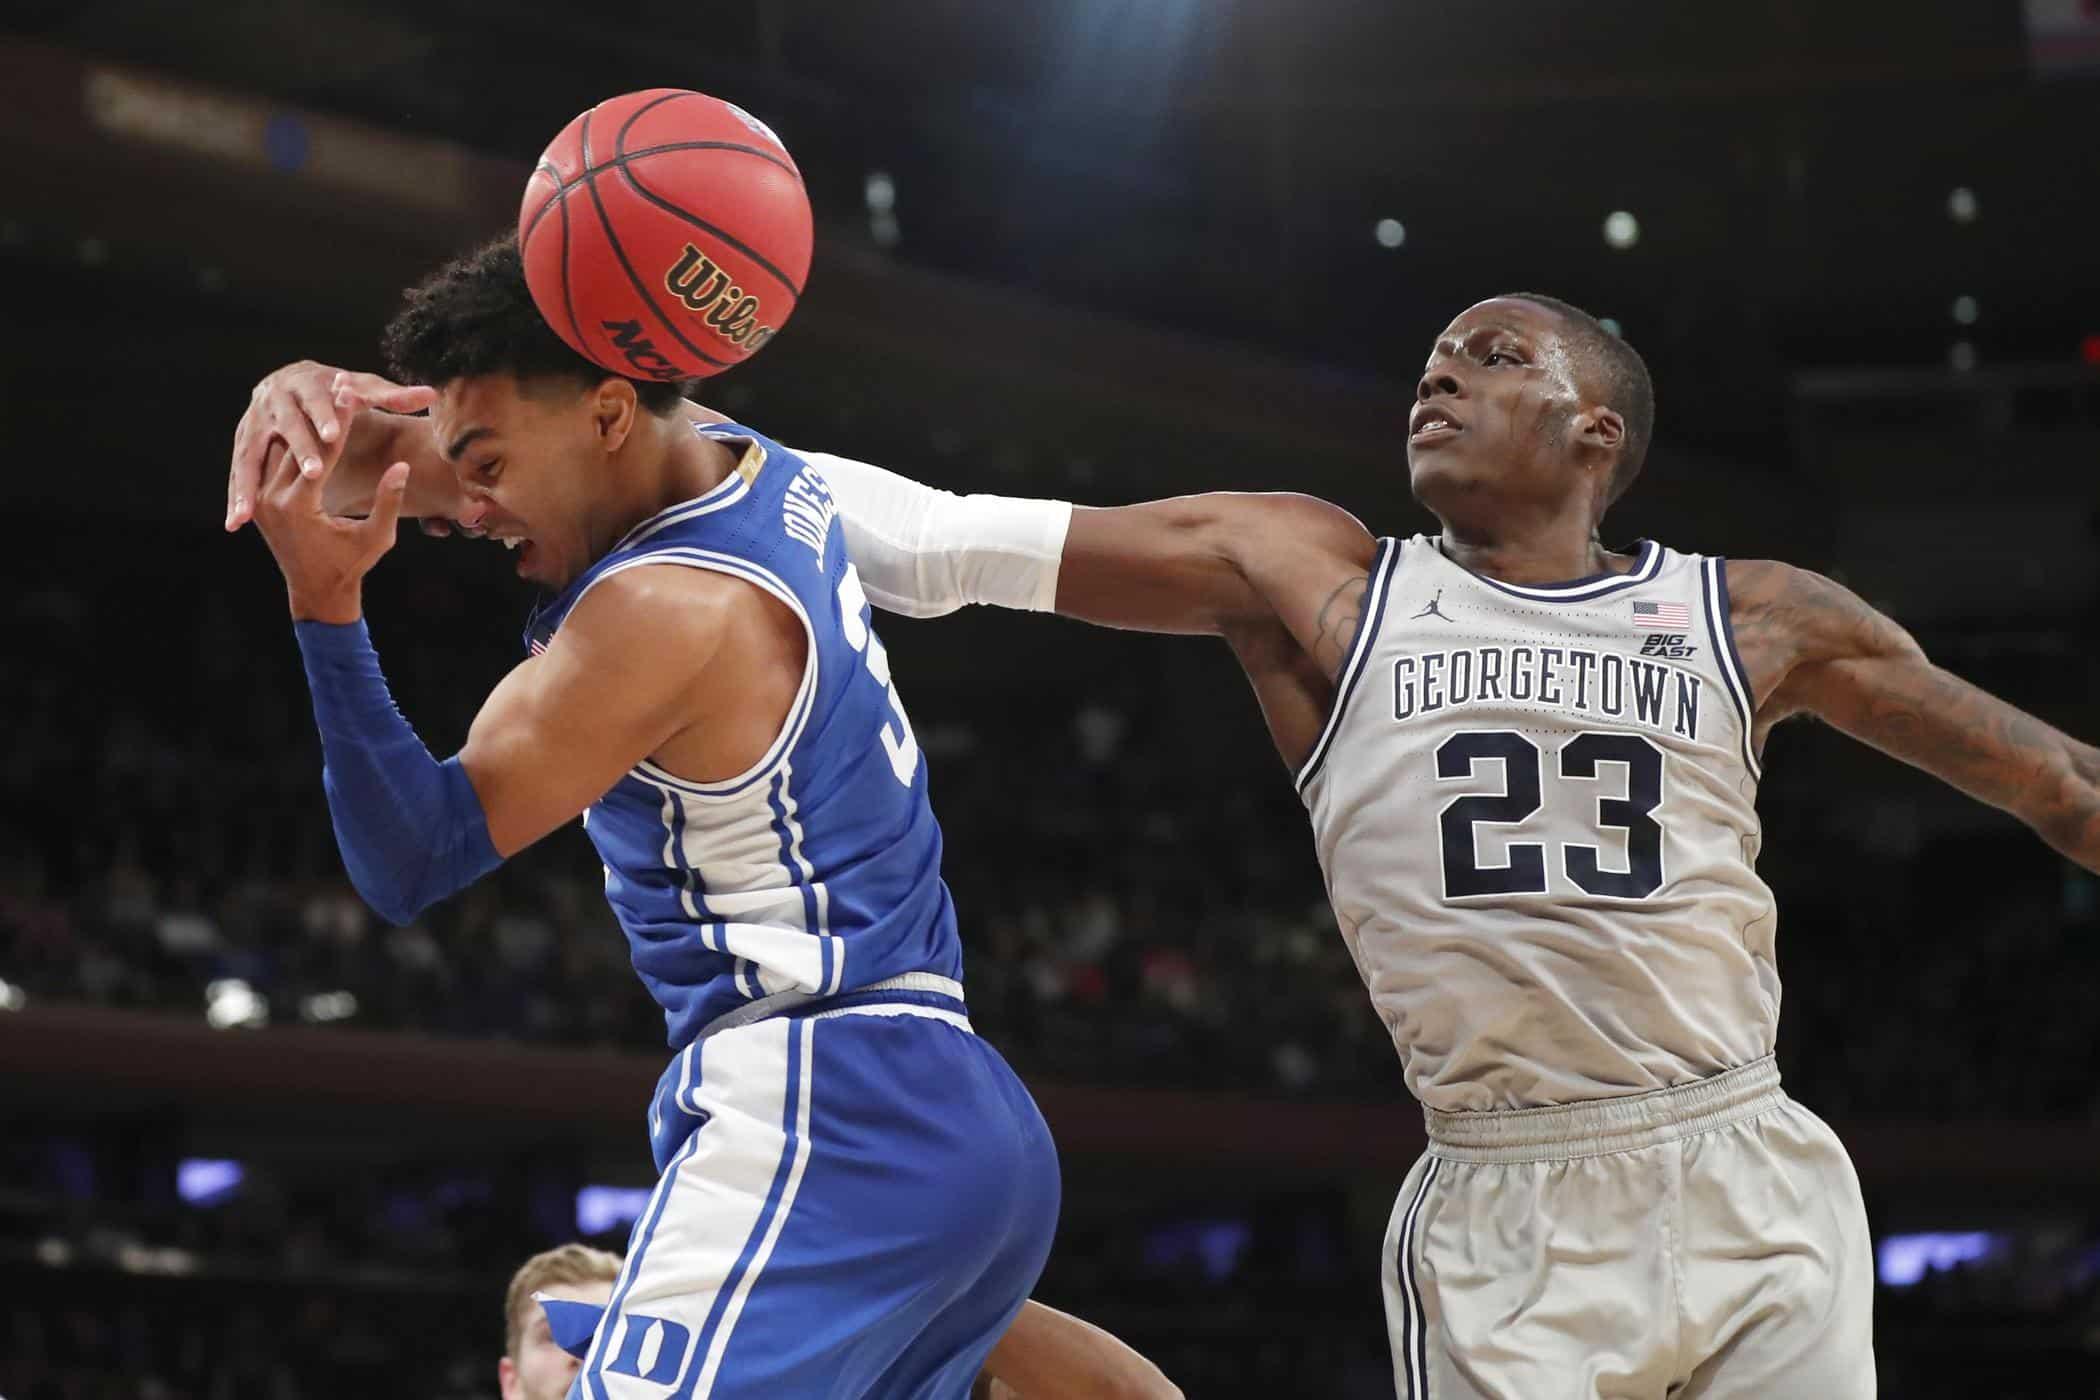 Georgetown perde i pezzi ma non crolla